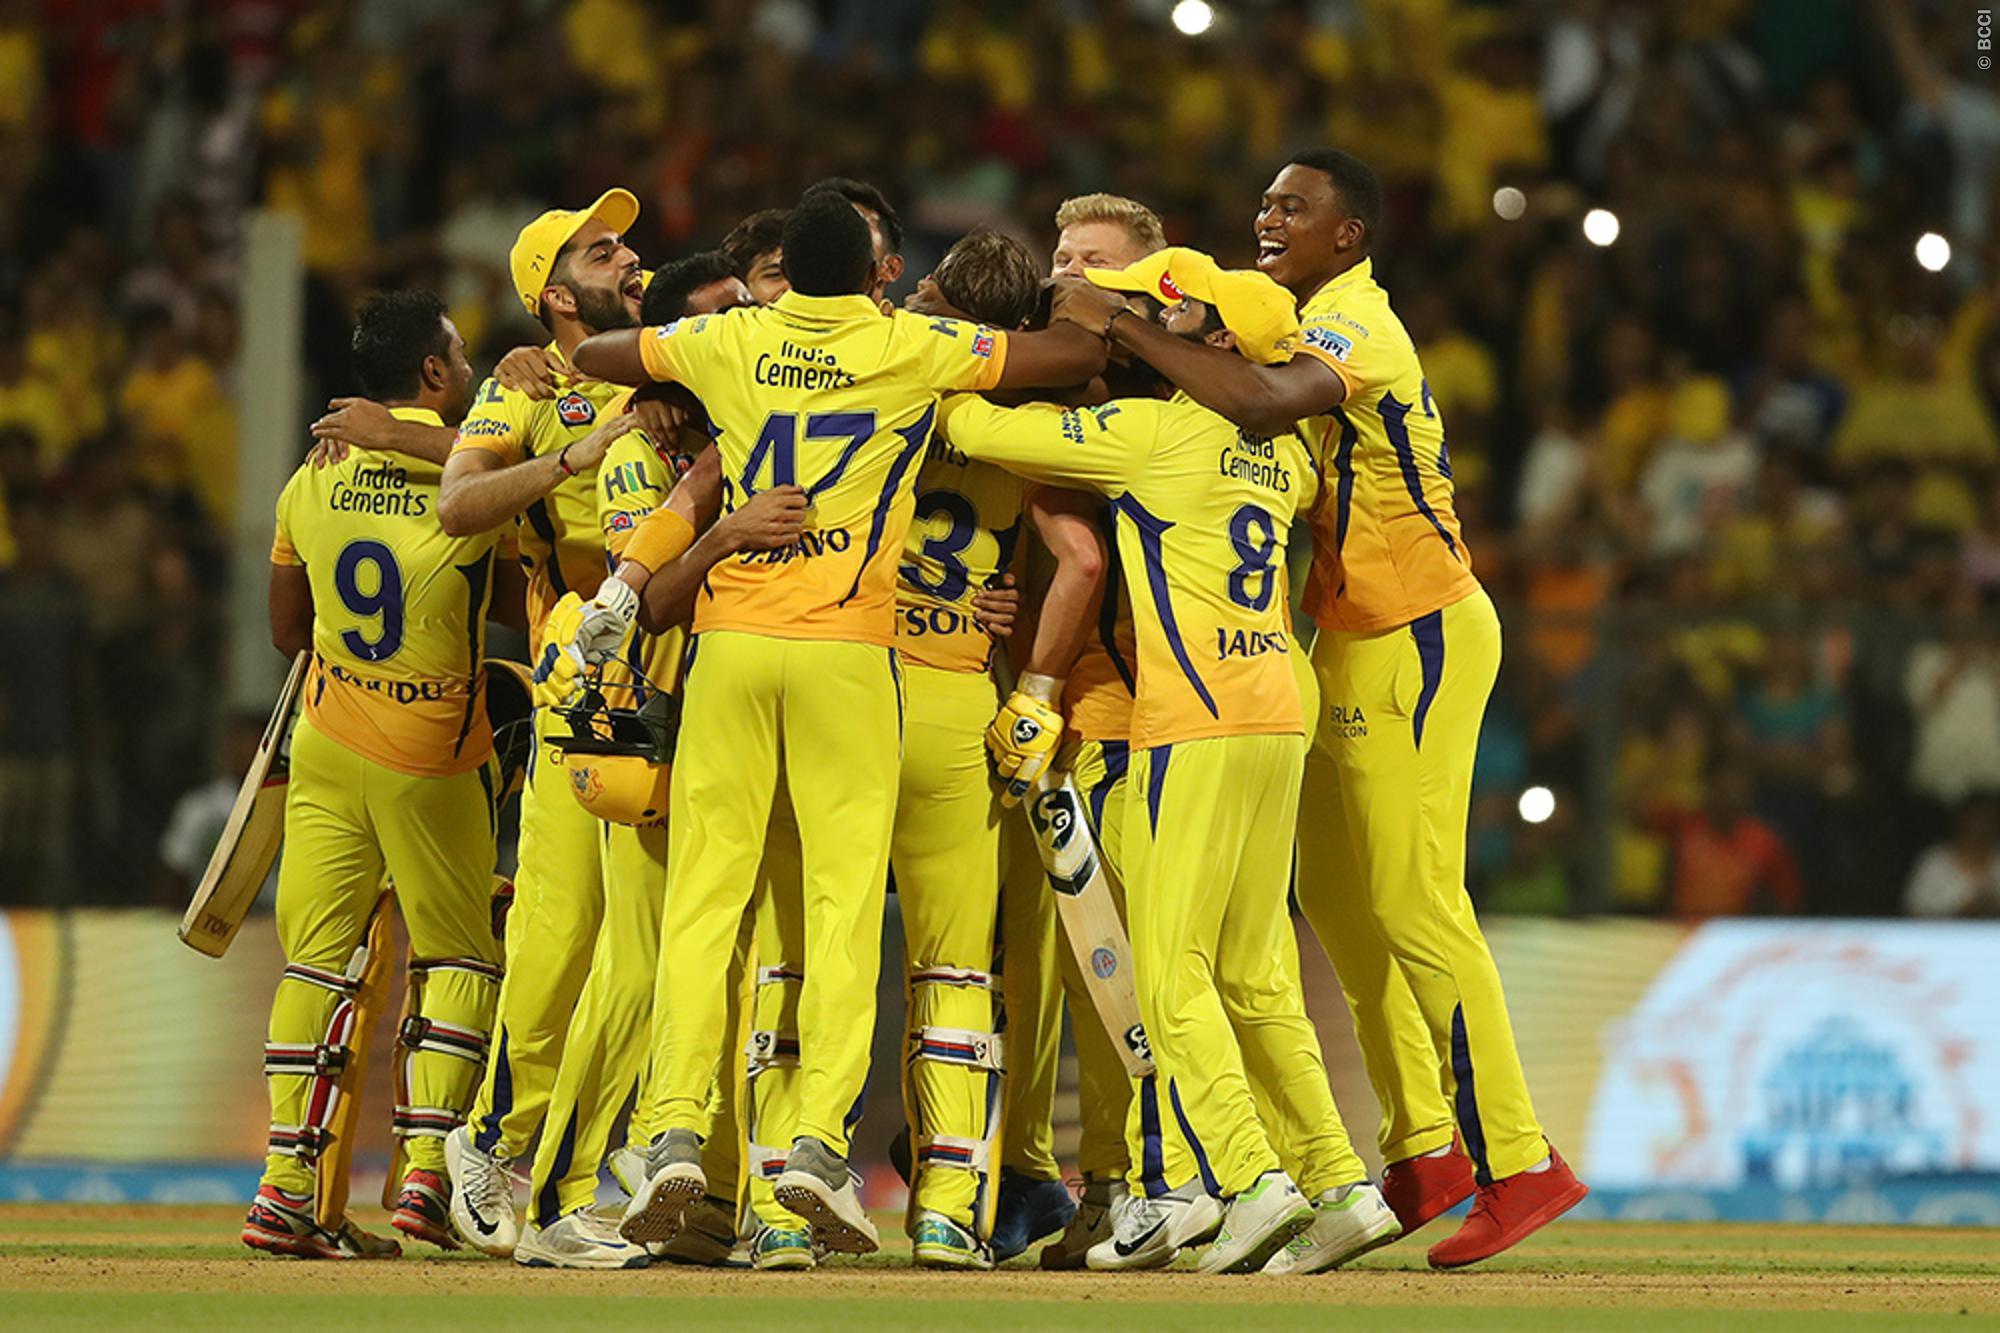 वीरेंद्र सहवाग ने चेन्नई के फाइनल जीतने के बाद धोनी को ख़ास अंदाज में दी बधाई 55